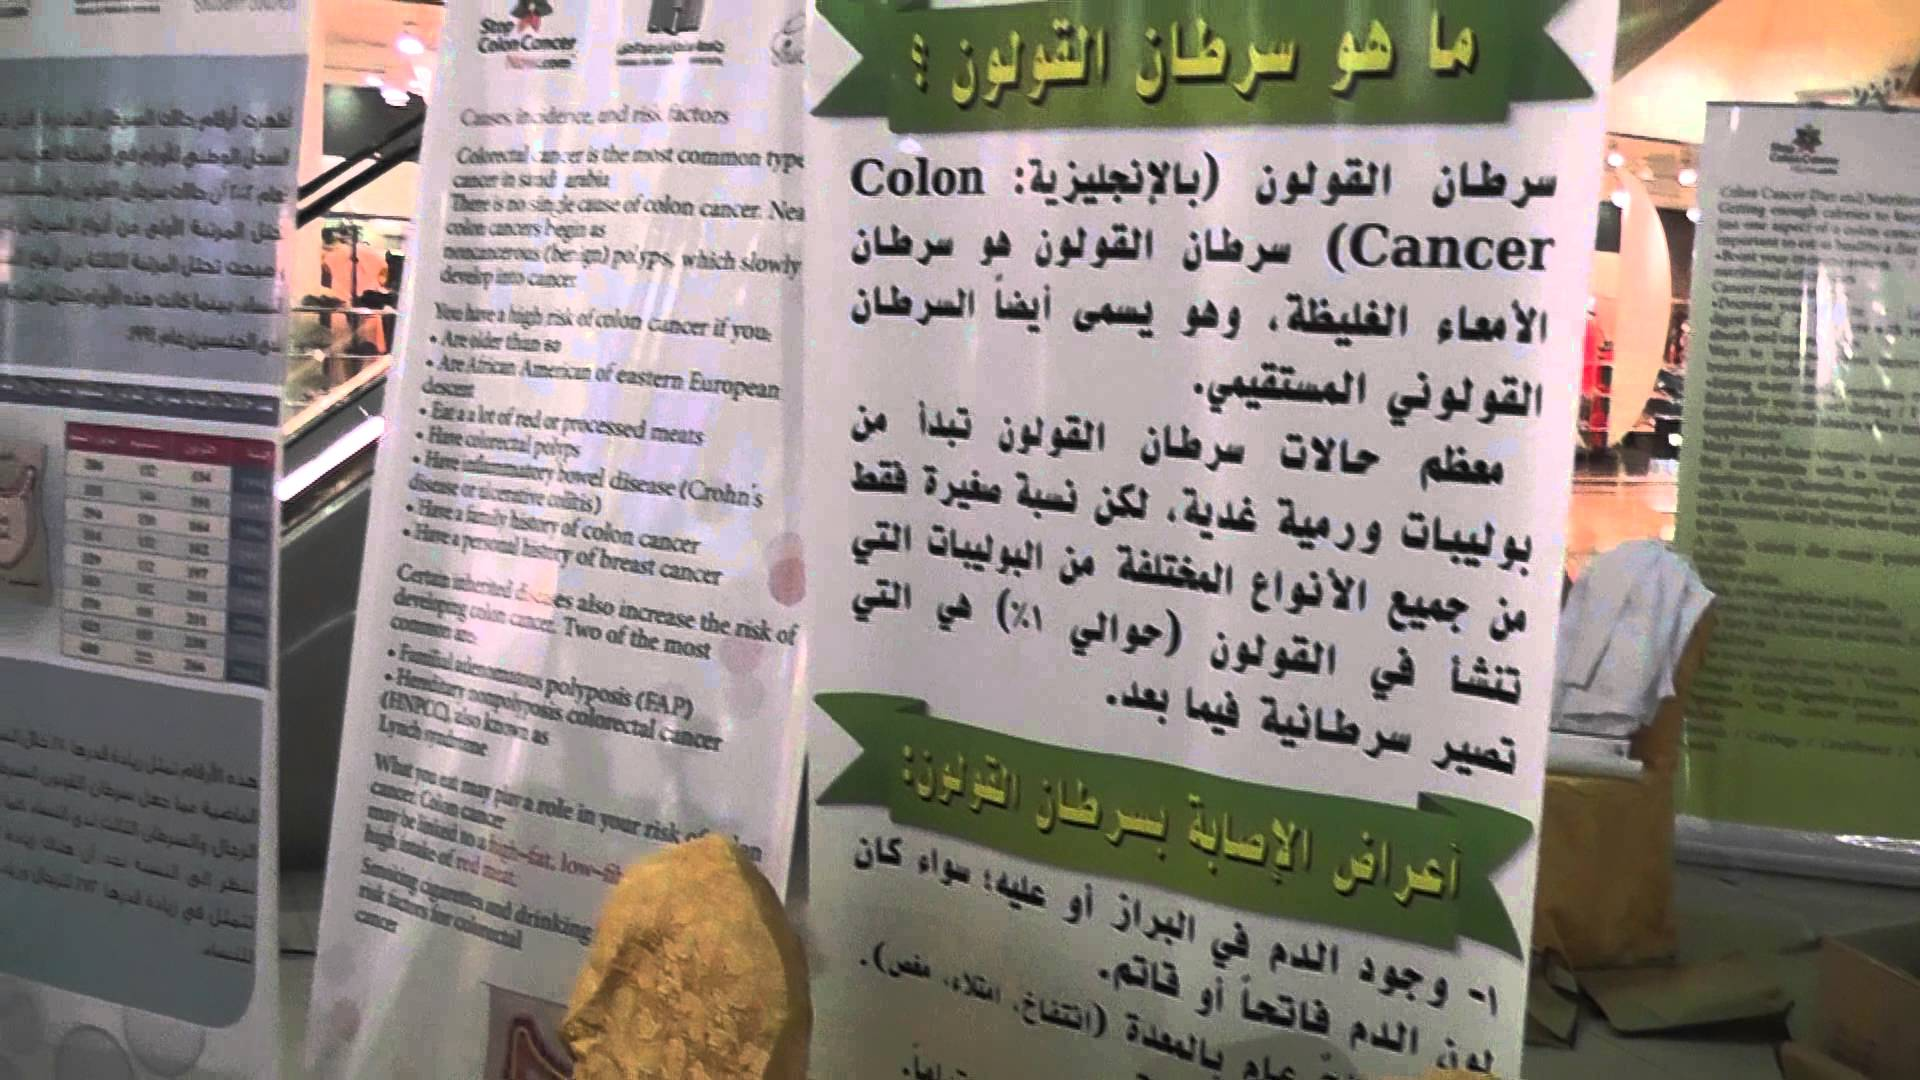 بالصور اعراض سرطان القولون , مرض سرطان القولون واعراضه 2222 2